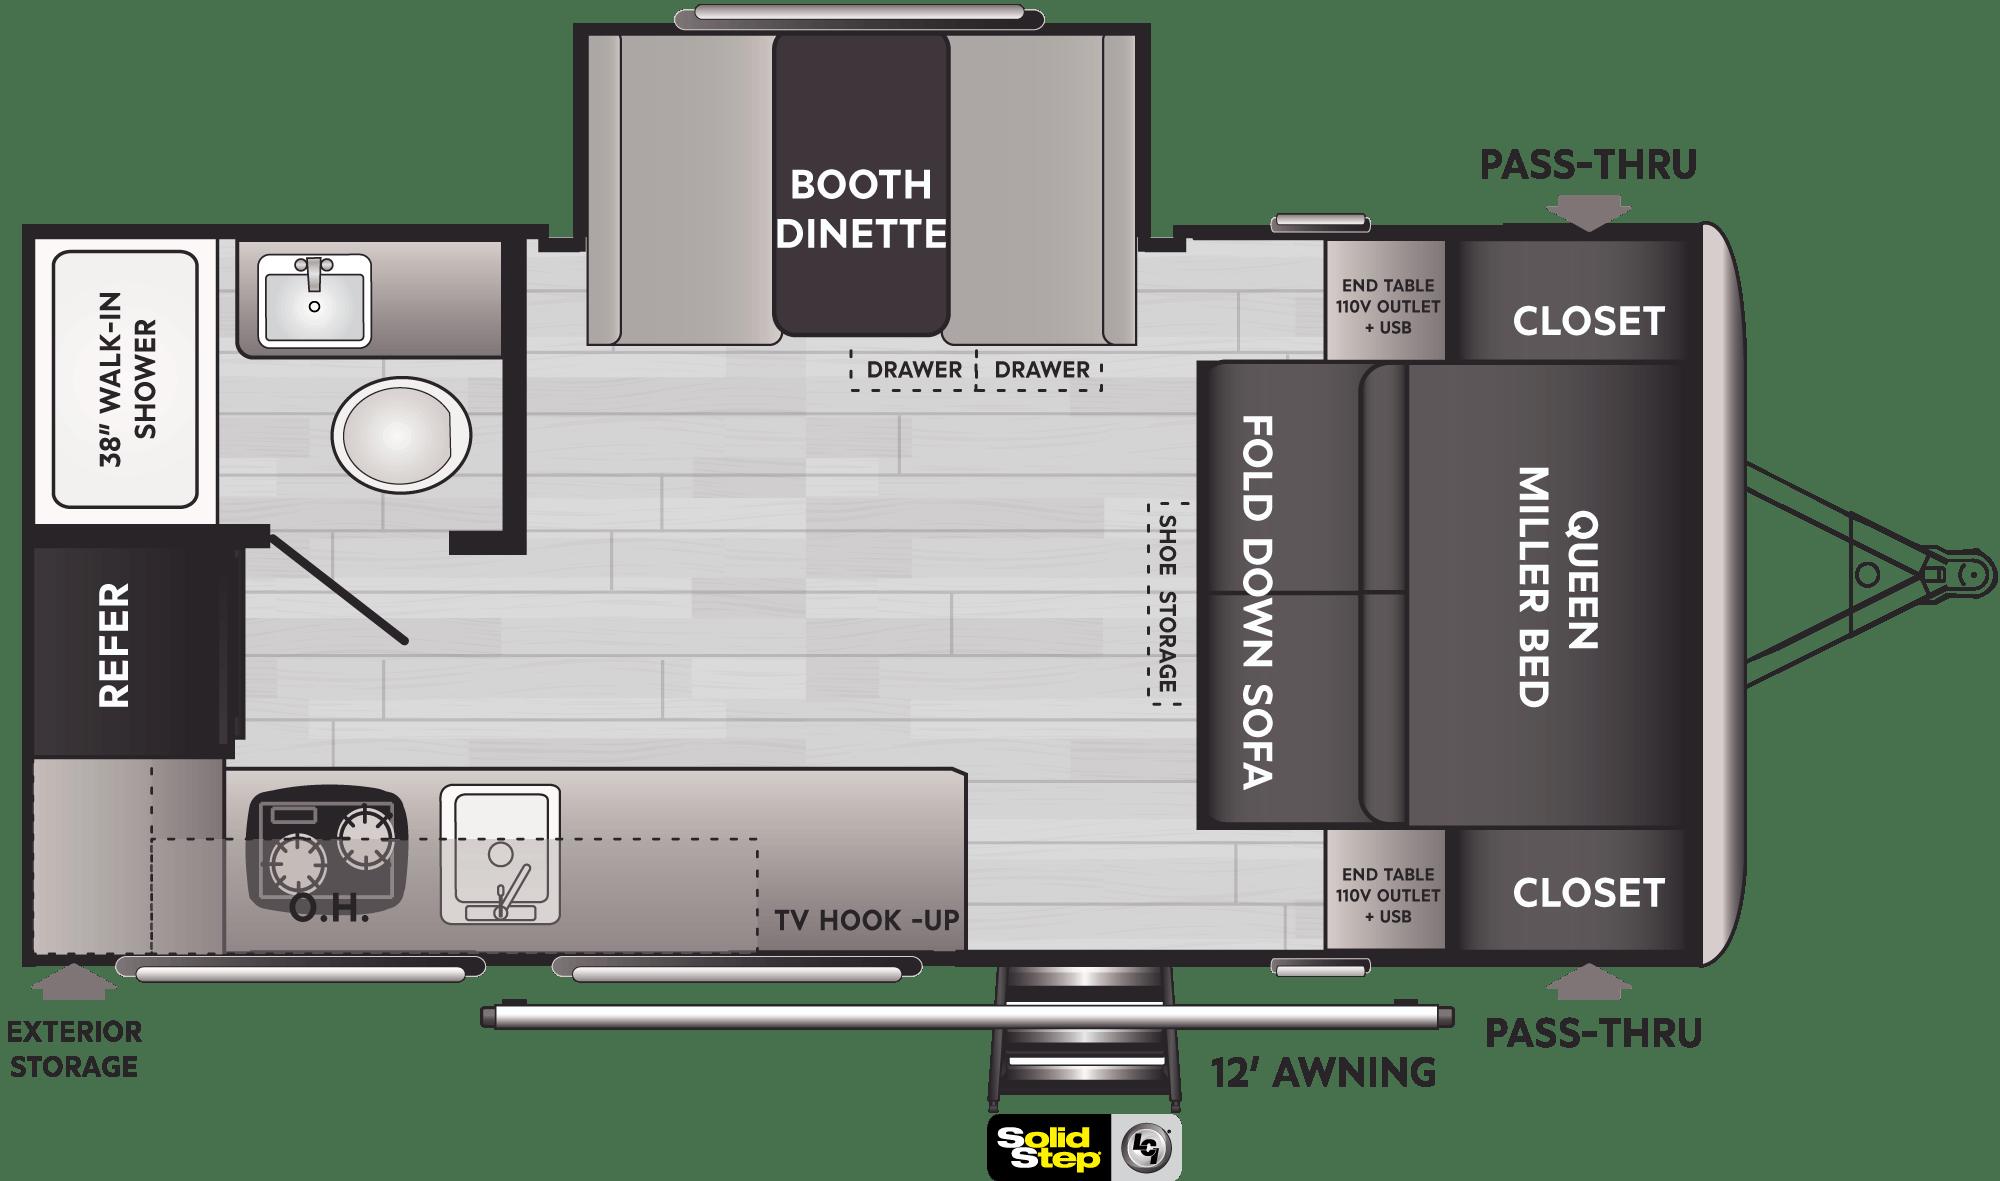 Springdale Comfort Travel Trailers - Model 1740RK Floorplan - Keystone RV   Springdale Rv Wiring Diagram      Keystone RV